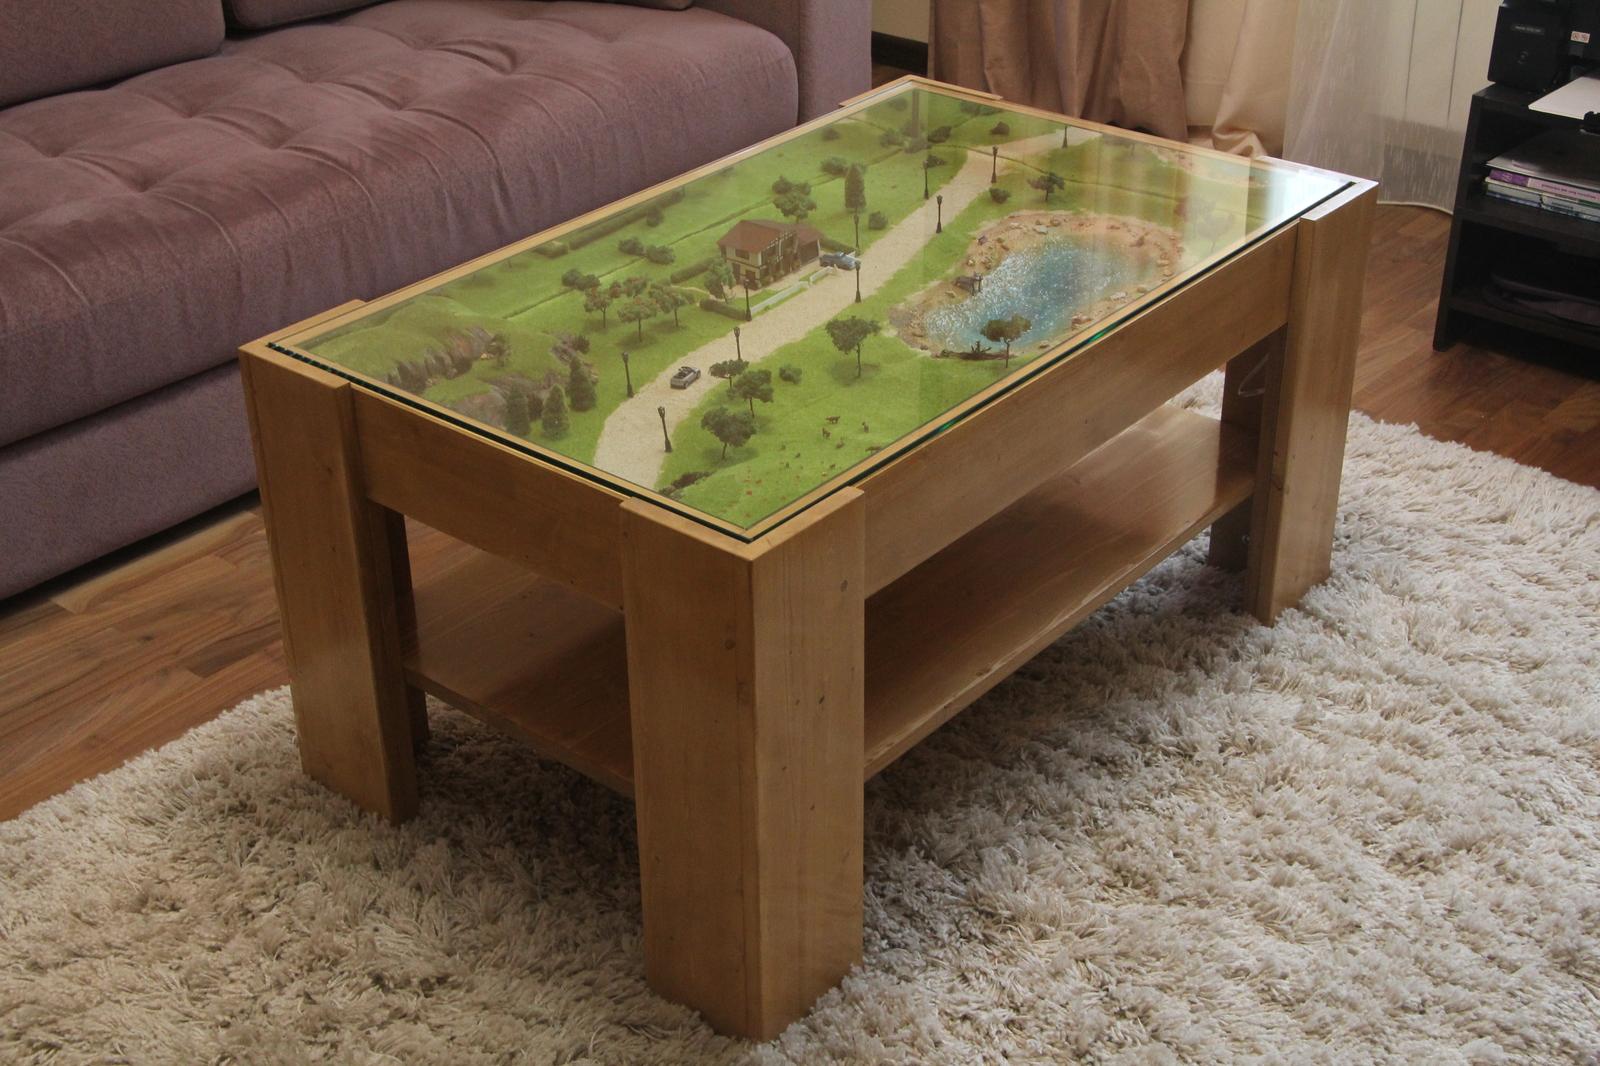 Журнальный стол с миниатюрой под стеклом